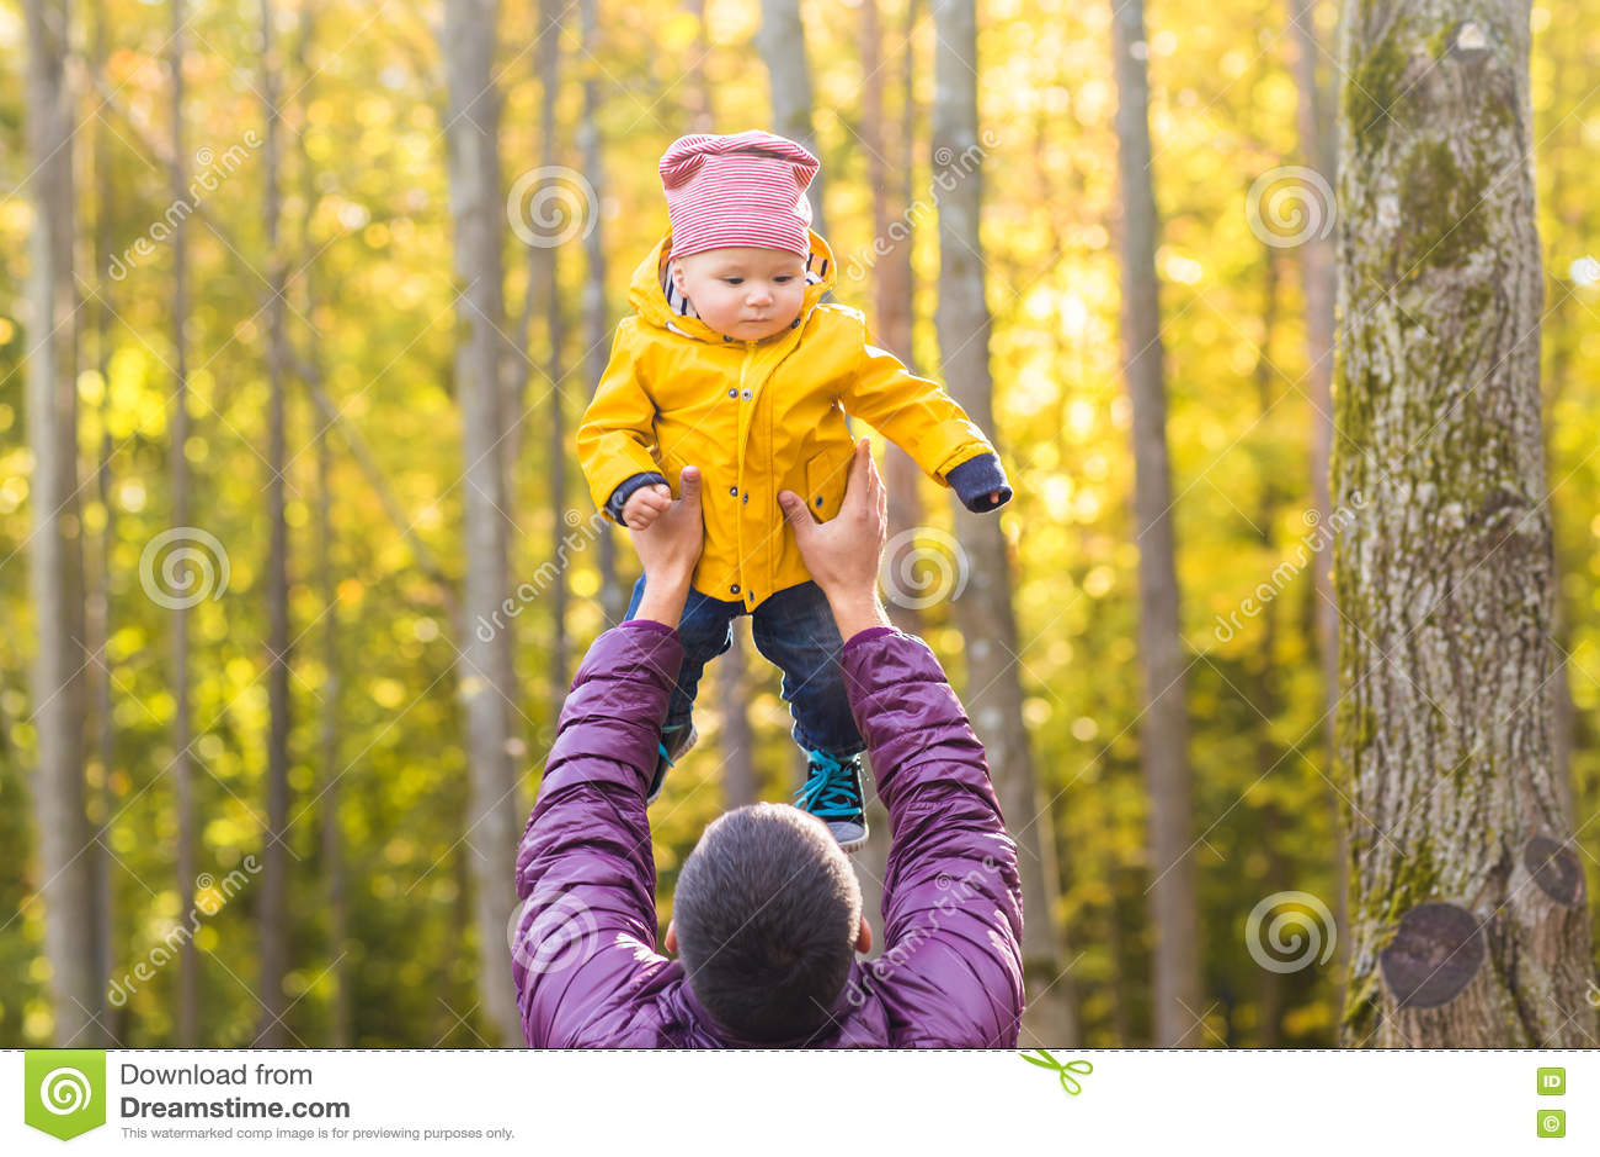 Familie, Kindheit, Vaterschaft, Freizeit und Leutekonzept - glücklicher Vater und kleiner Sohn, die draußen spielt